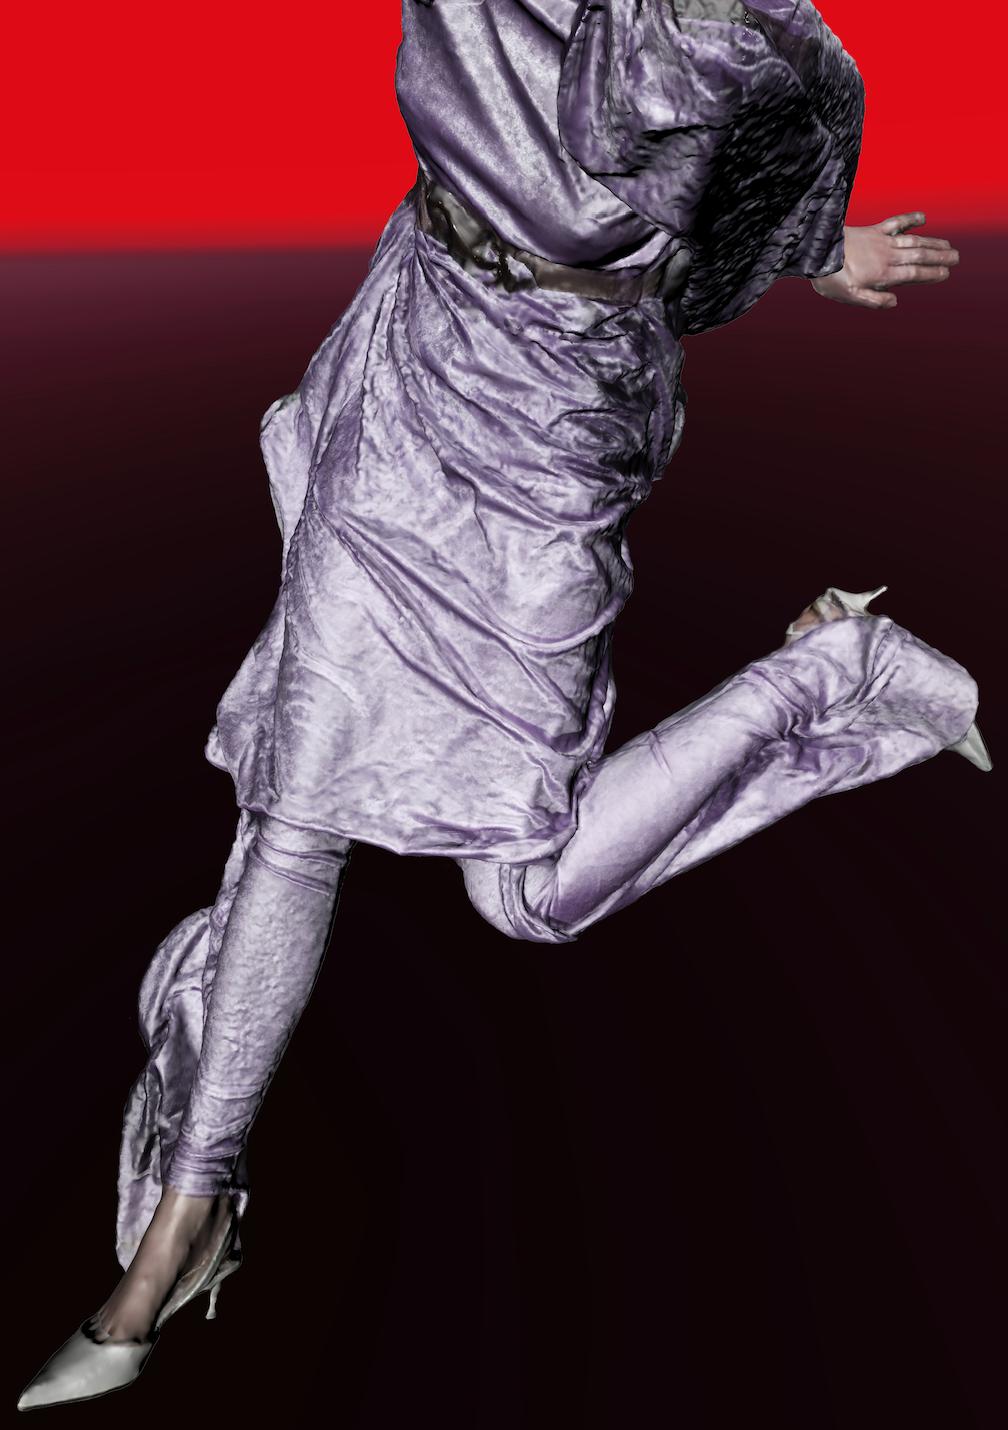 Corps de femme habillé d'argent sur fond rouge et noir